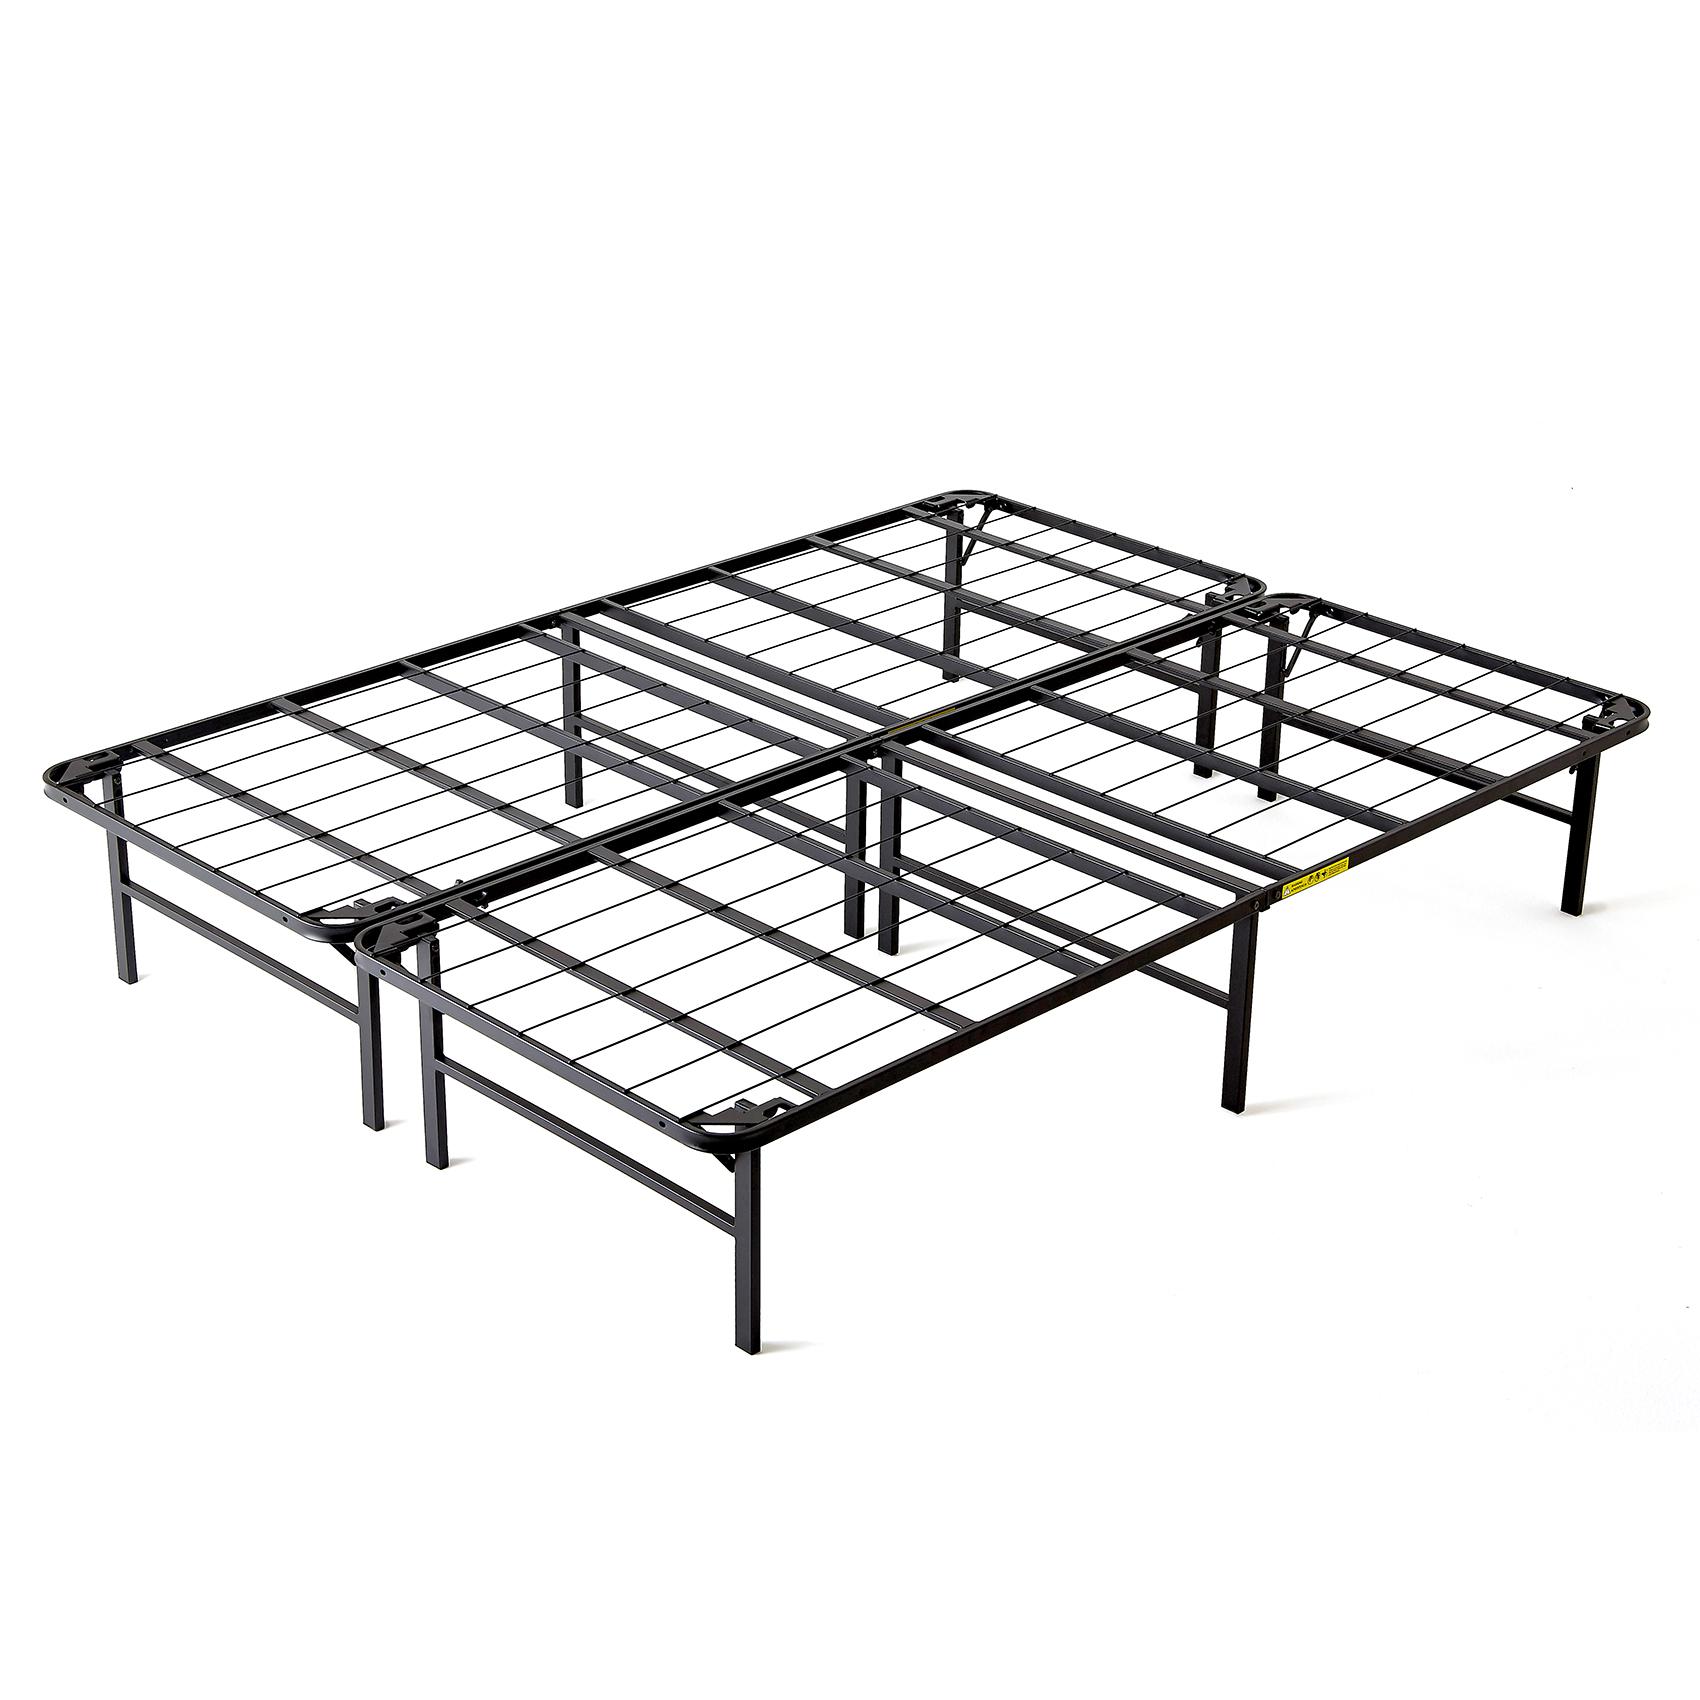 Intellibase lightweight easy set up bi fold platform metal for King metal bed frame